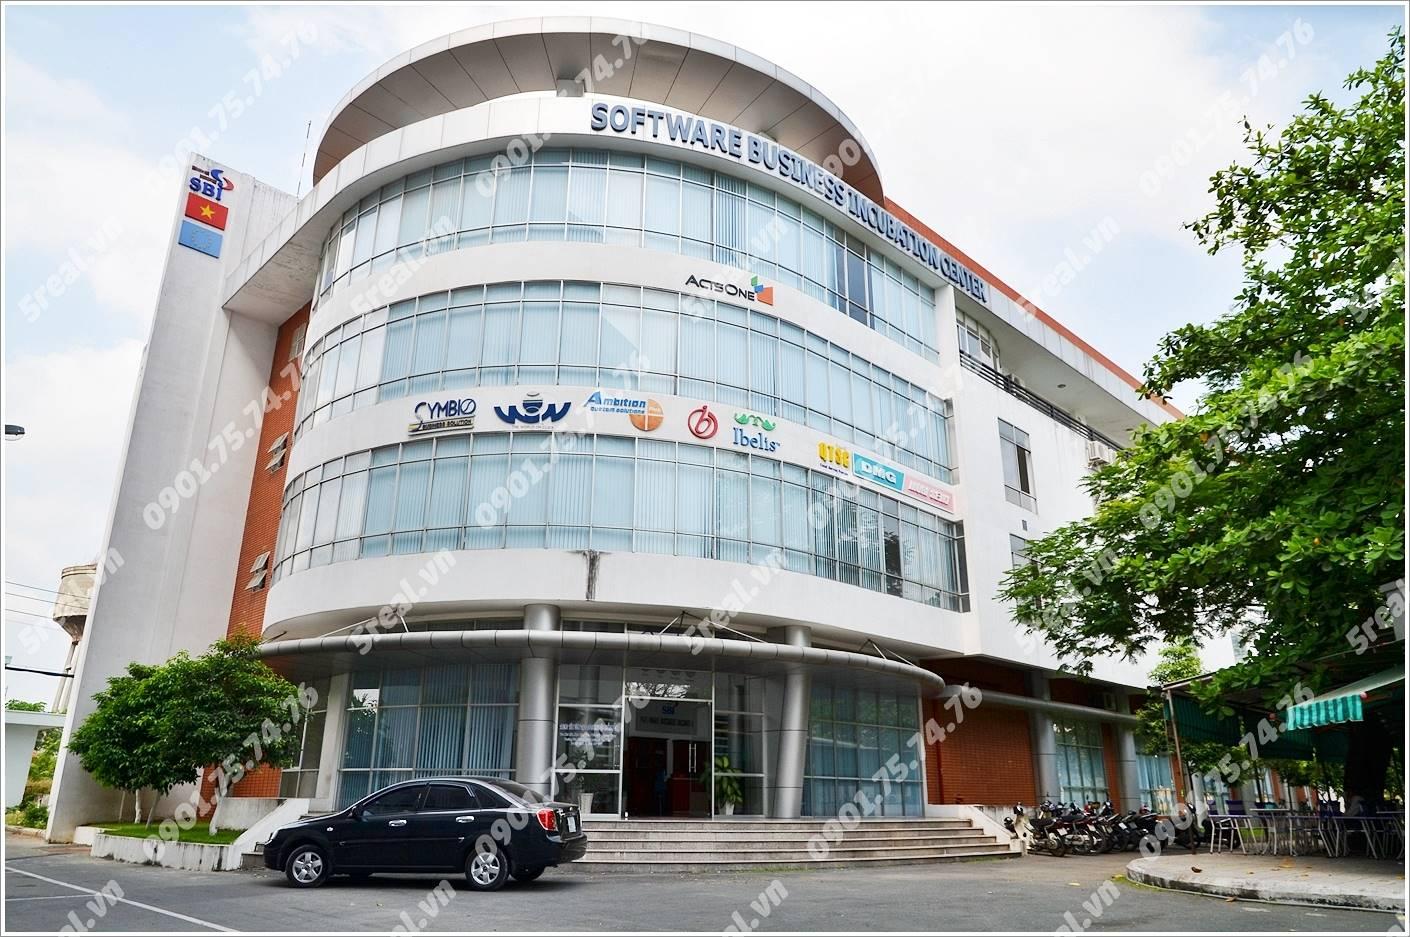 sbi-building-cong-vien-phan-mem-quang-trung-quan-12-van-phong-cho-thue-tphcm-5real.vn-01